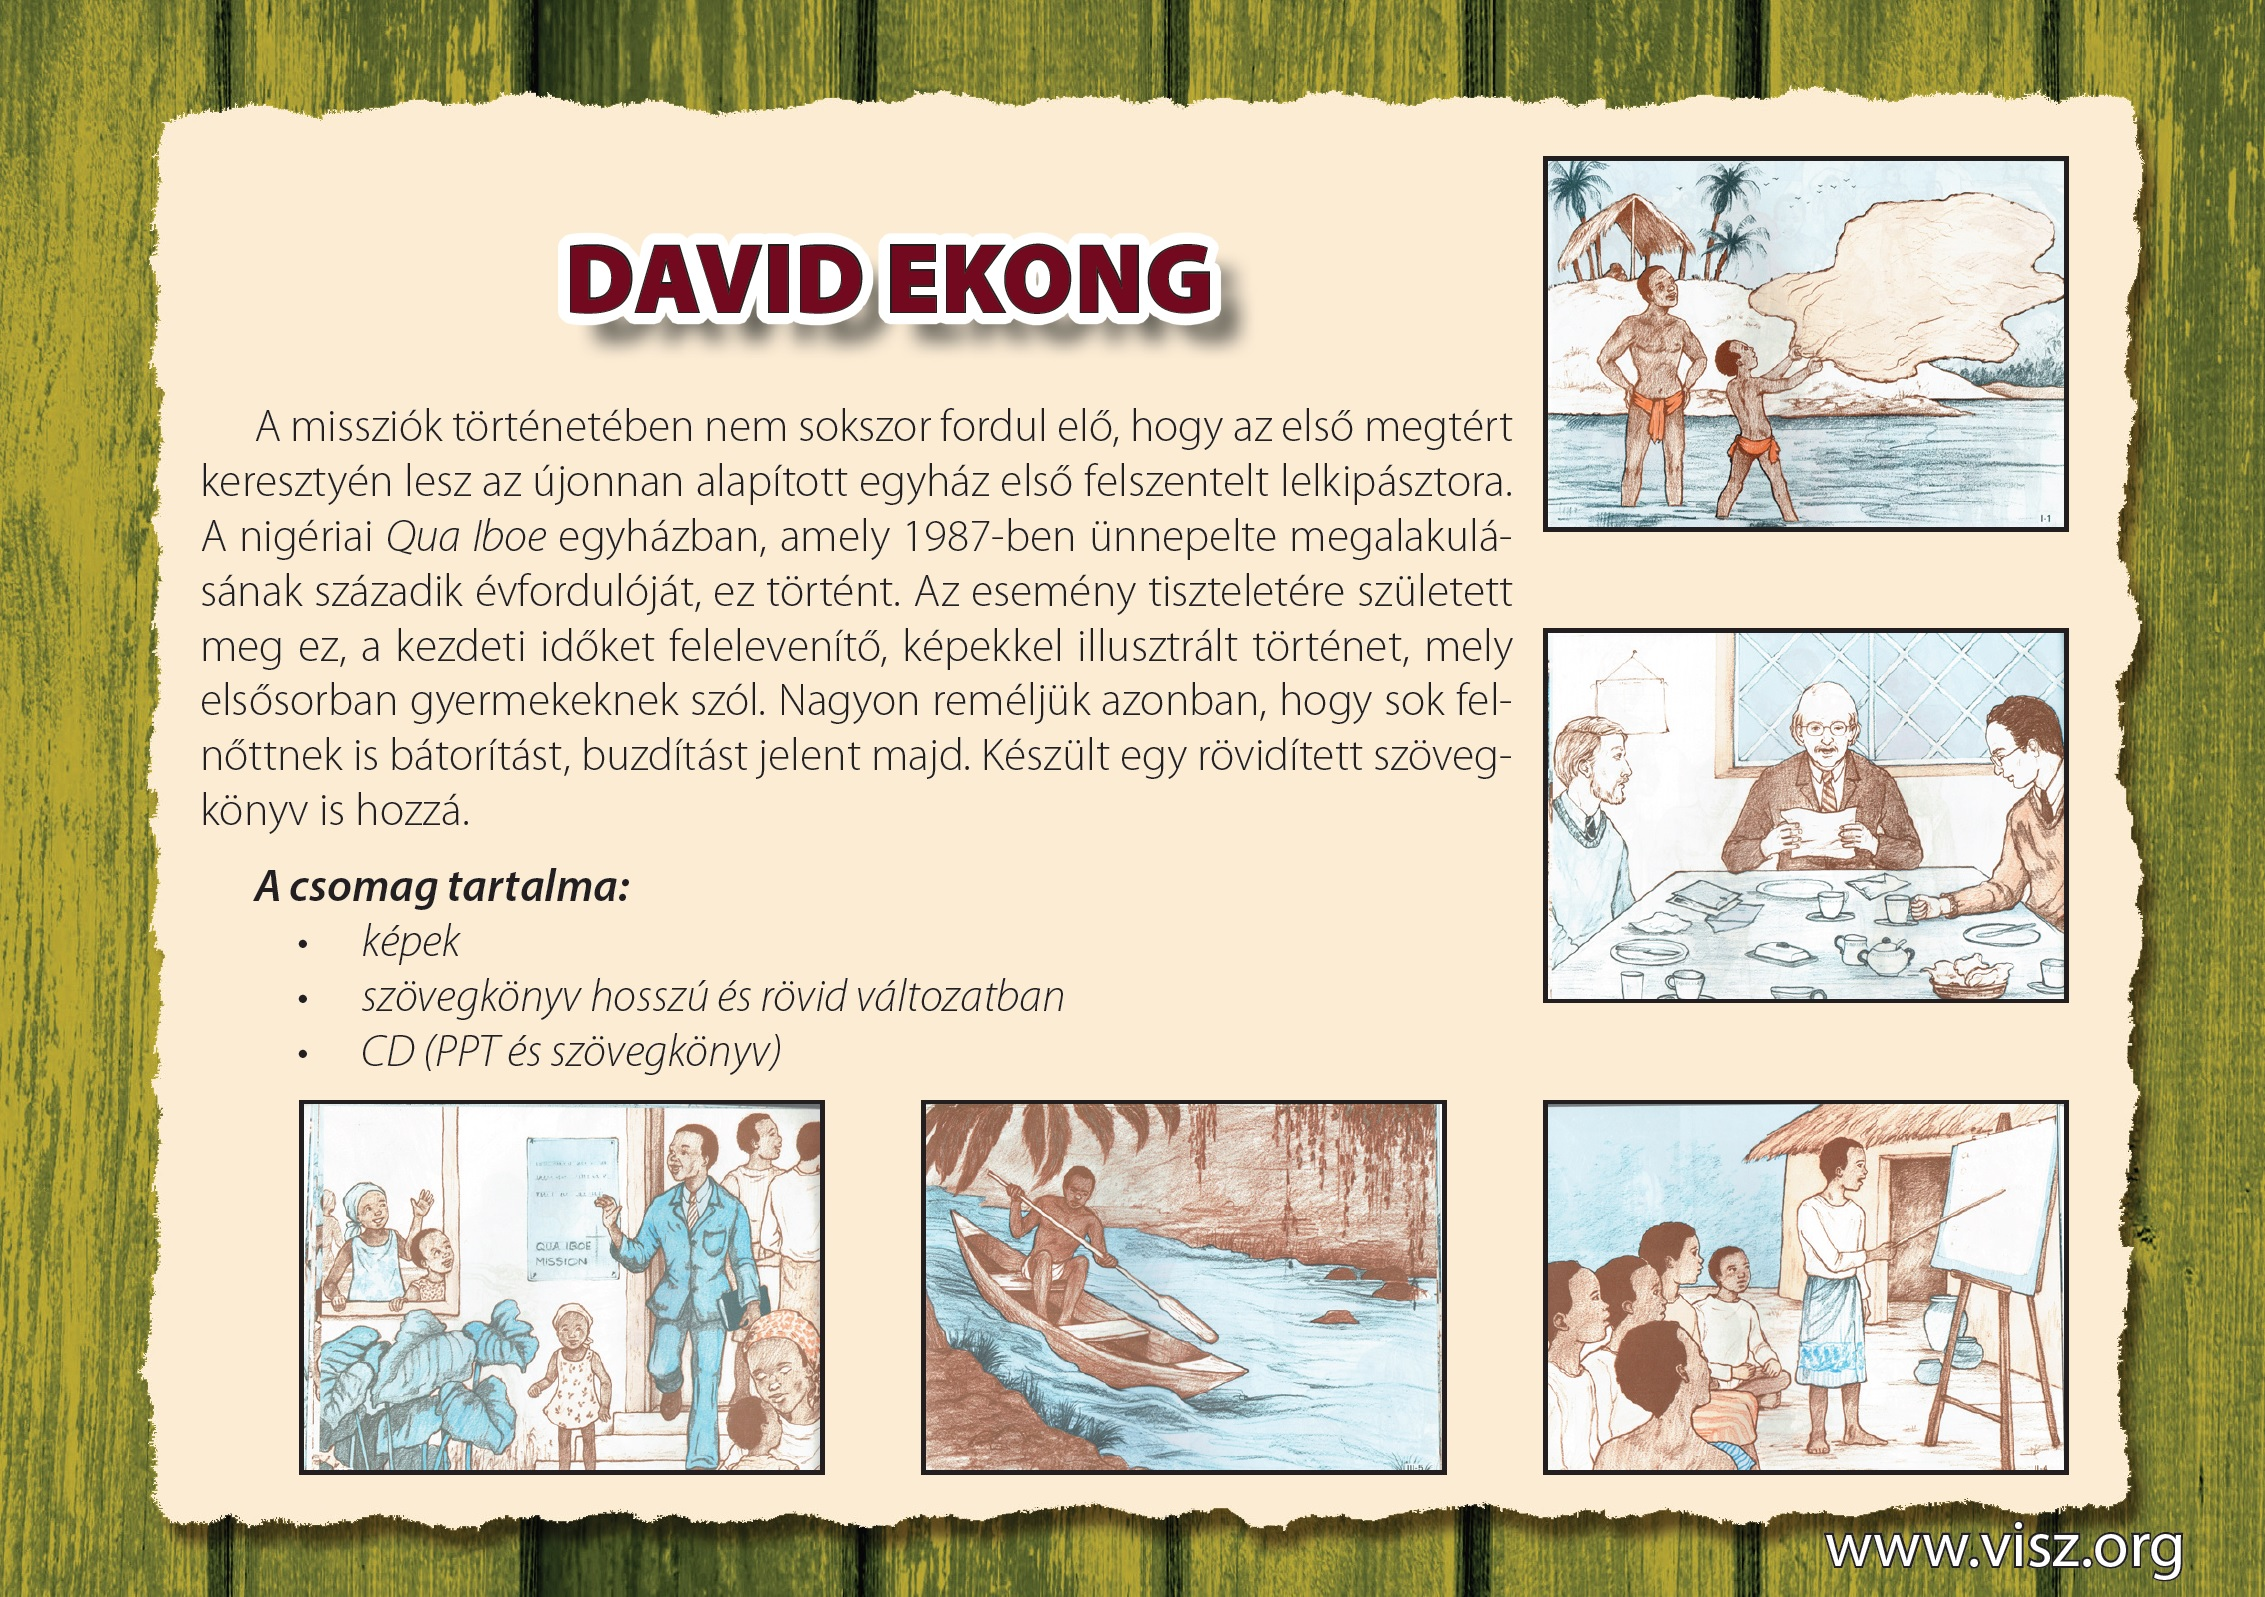 David Ekong reklám